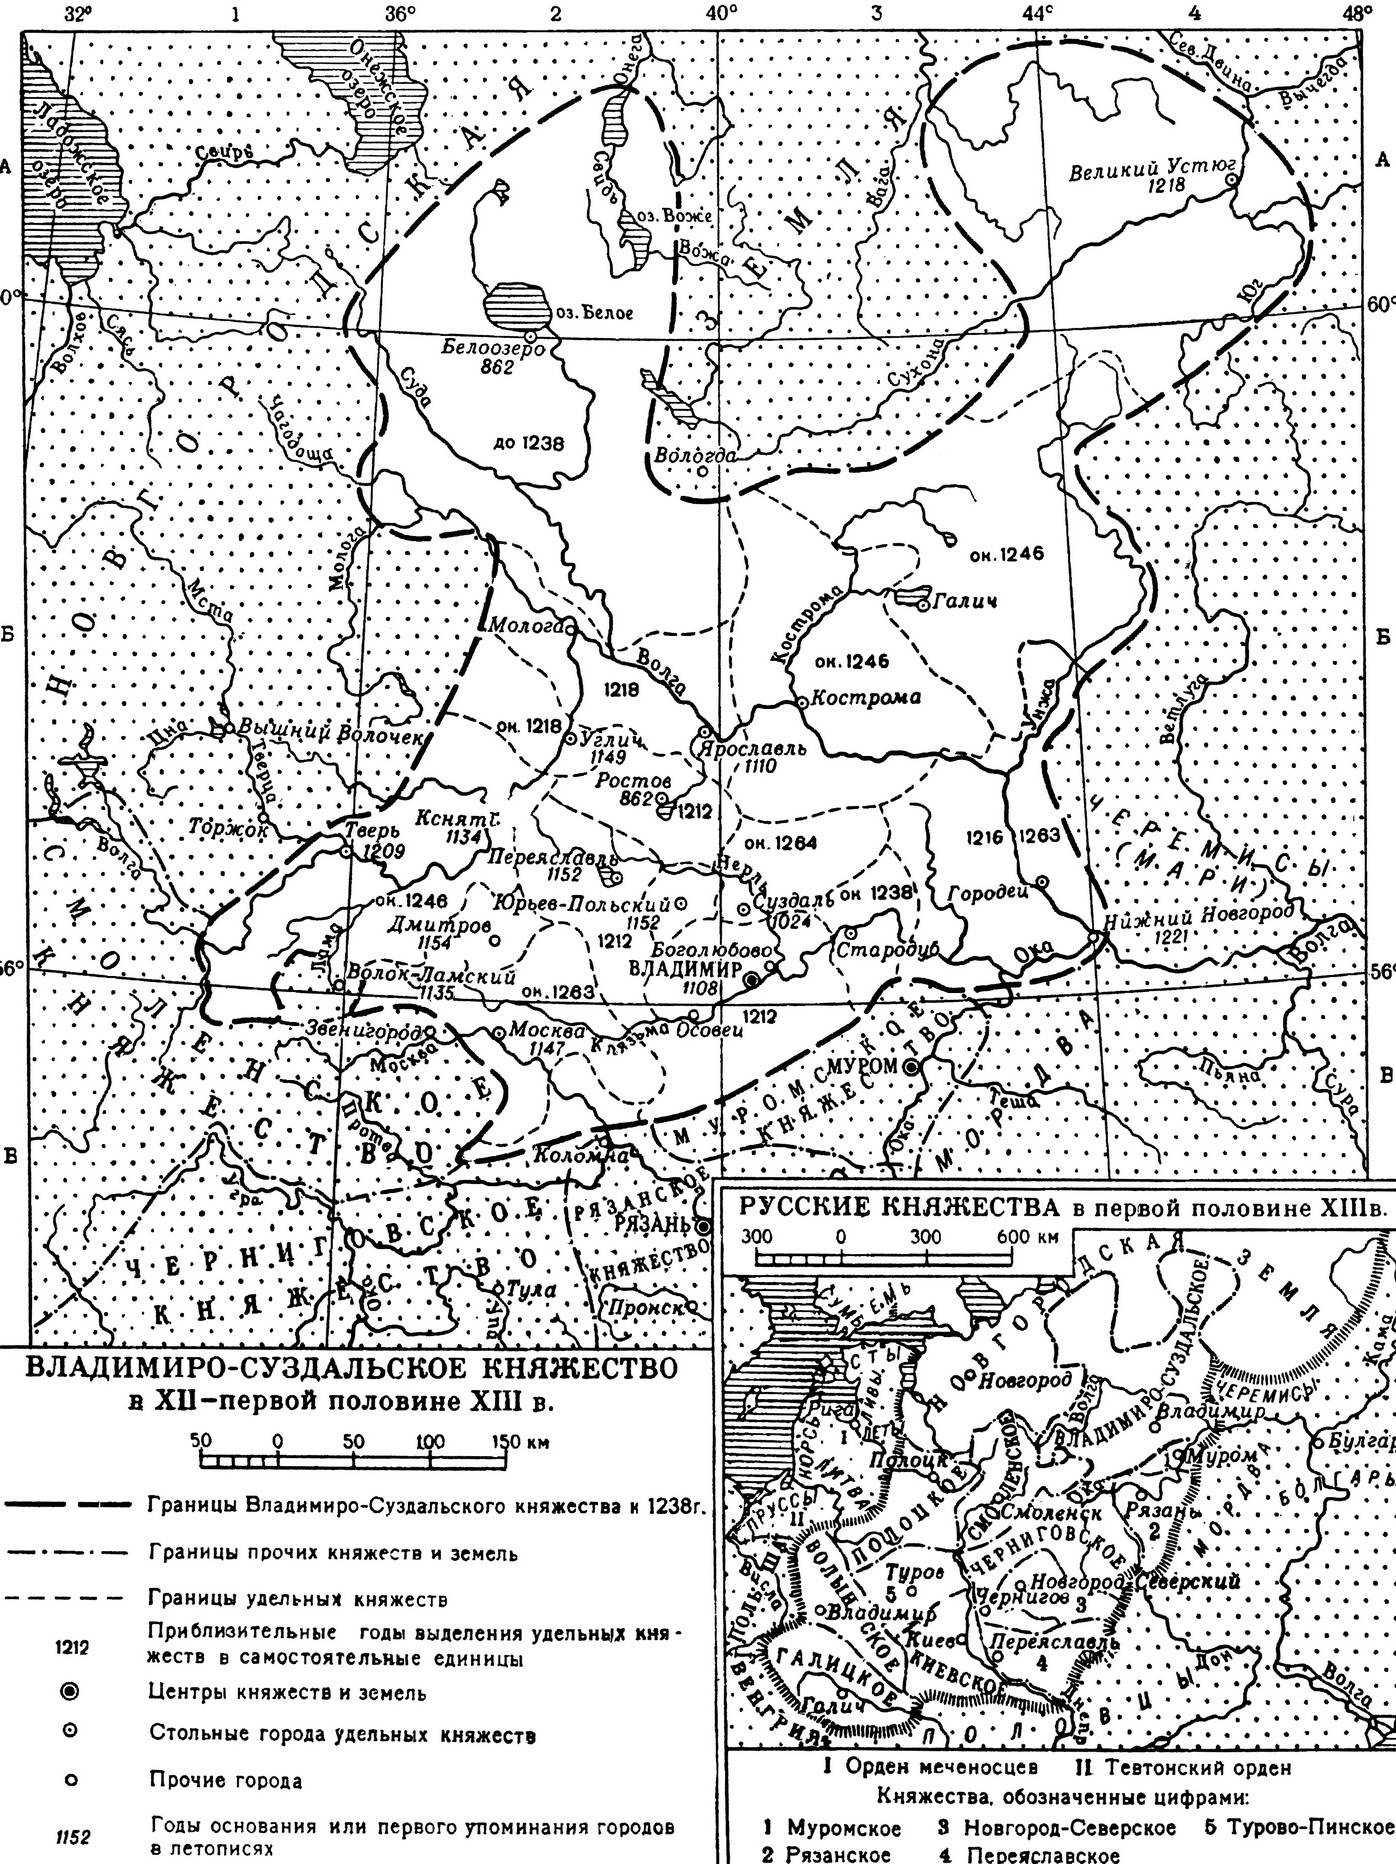 Владимиро-Суздальское княжество в XII - первой половине XIII в.